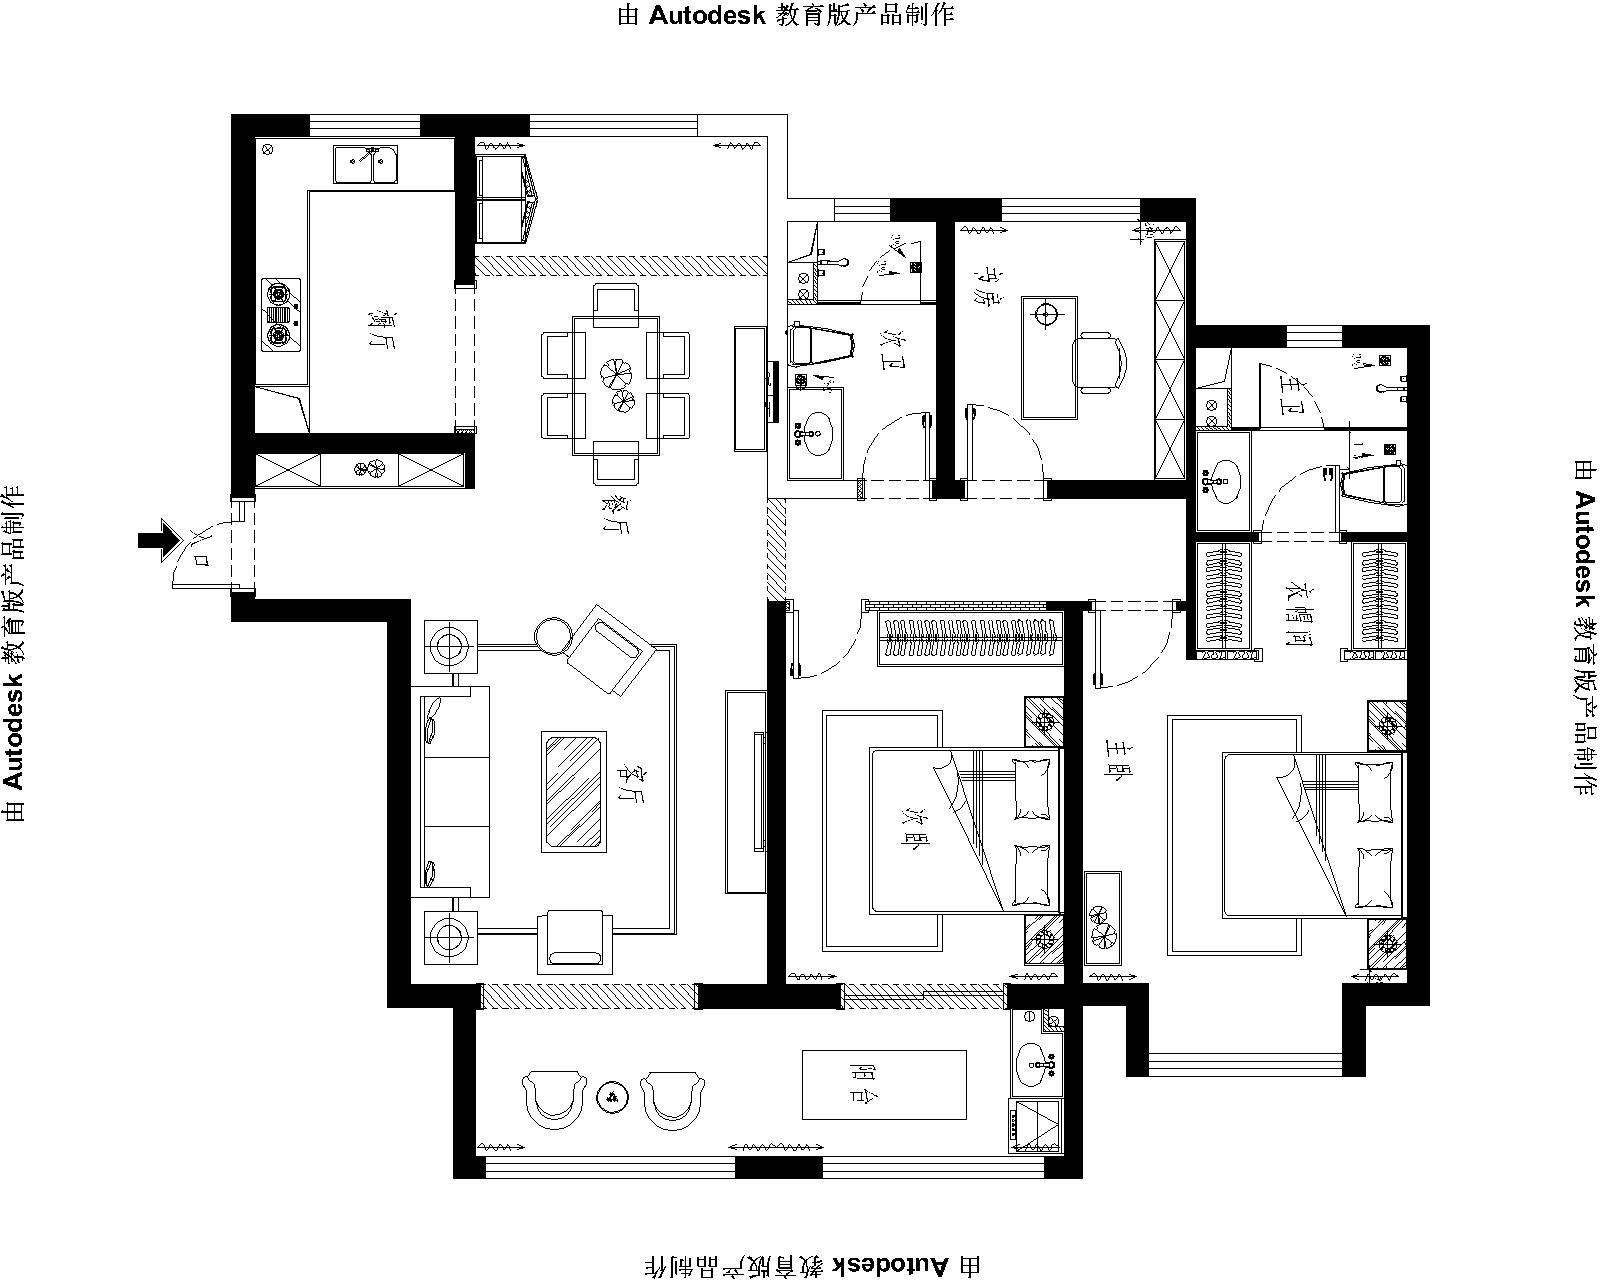 保利拉菲145平三室二厅现代简约风格装修案例装修设计理念